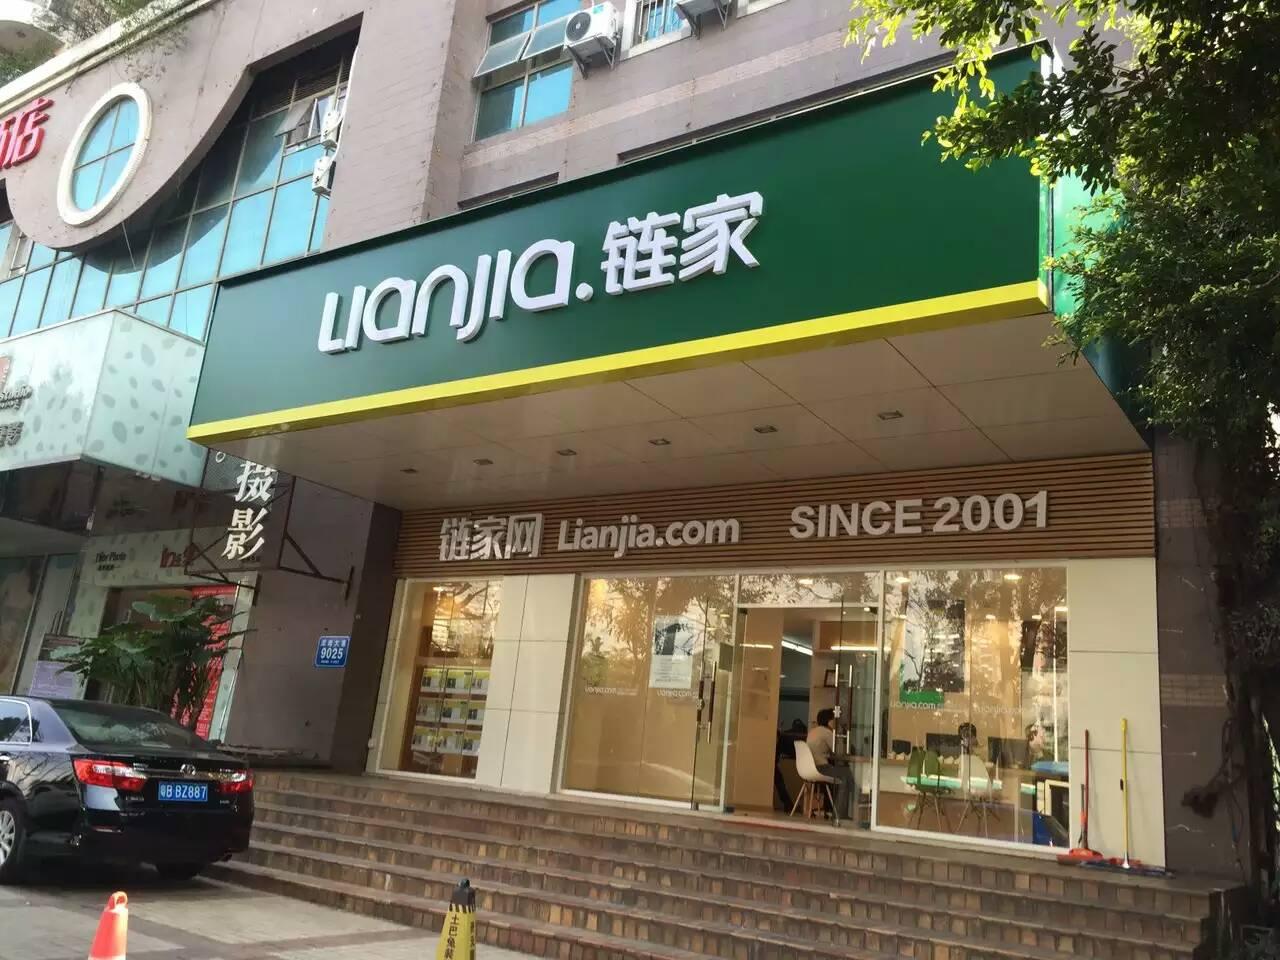 中山链家房地产经纪有限公司_国际人才网_job001.cn